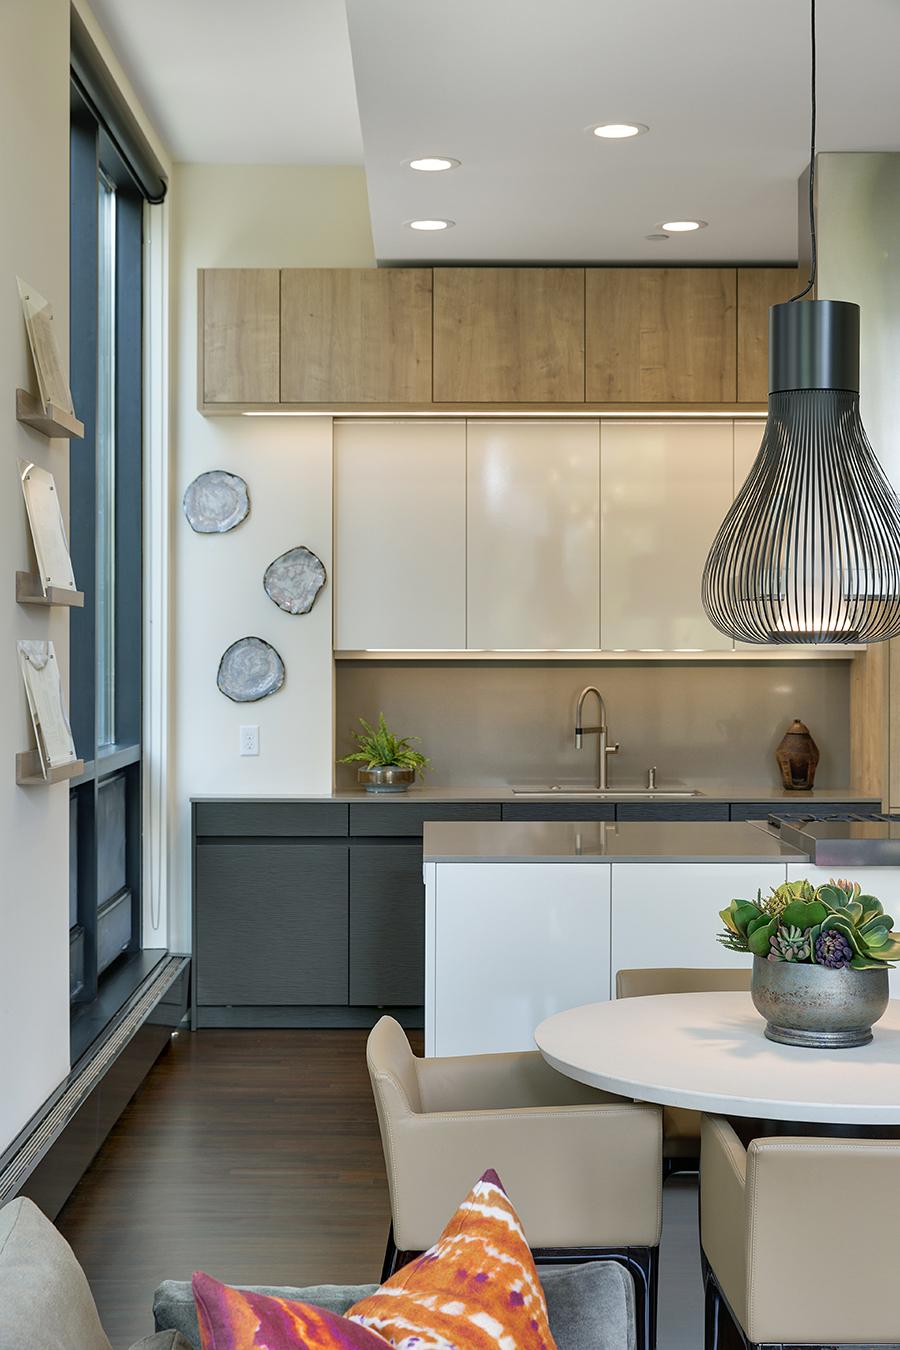 Belle Kitchen Interior Design Designer Luxury Minnesota MN Mpls Minneapolis  St Paul Twin Cities3